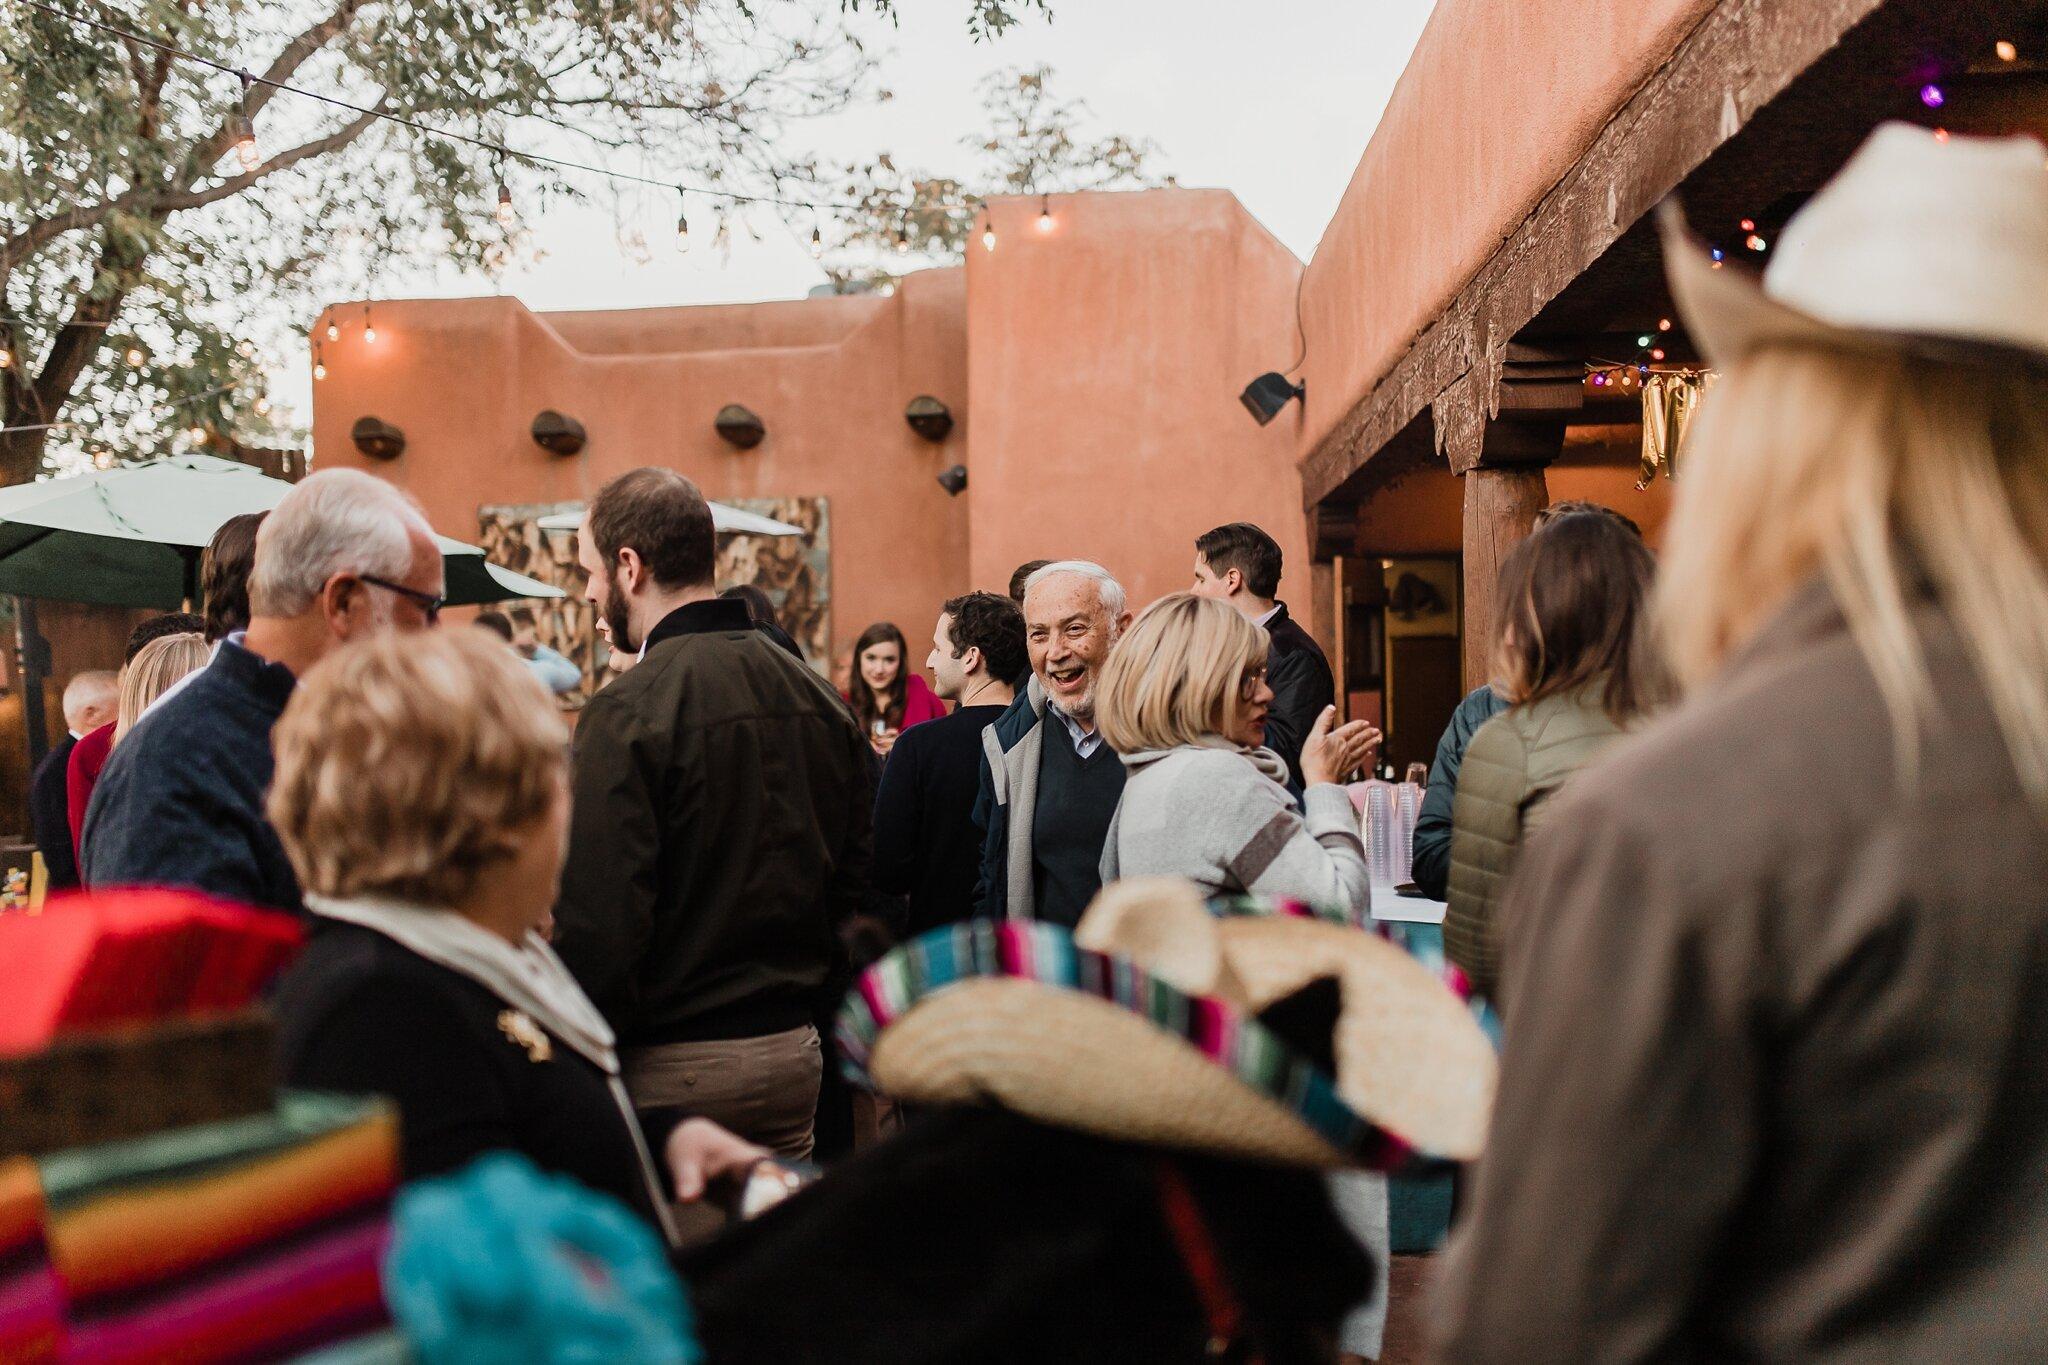 Alicia+lucia+photography+-+albuquerque+wedding+photographer+-+santa+fe+wedding+photography+-+new+mexico+wedding+photographer+-+new+mexico+wedding+-+rehearsal+dinner+-+wedding+rehearsal+dinner+-+santa+fe+rehearsal+dinner+-+chicago+bride_0008.jpg